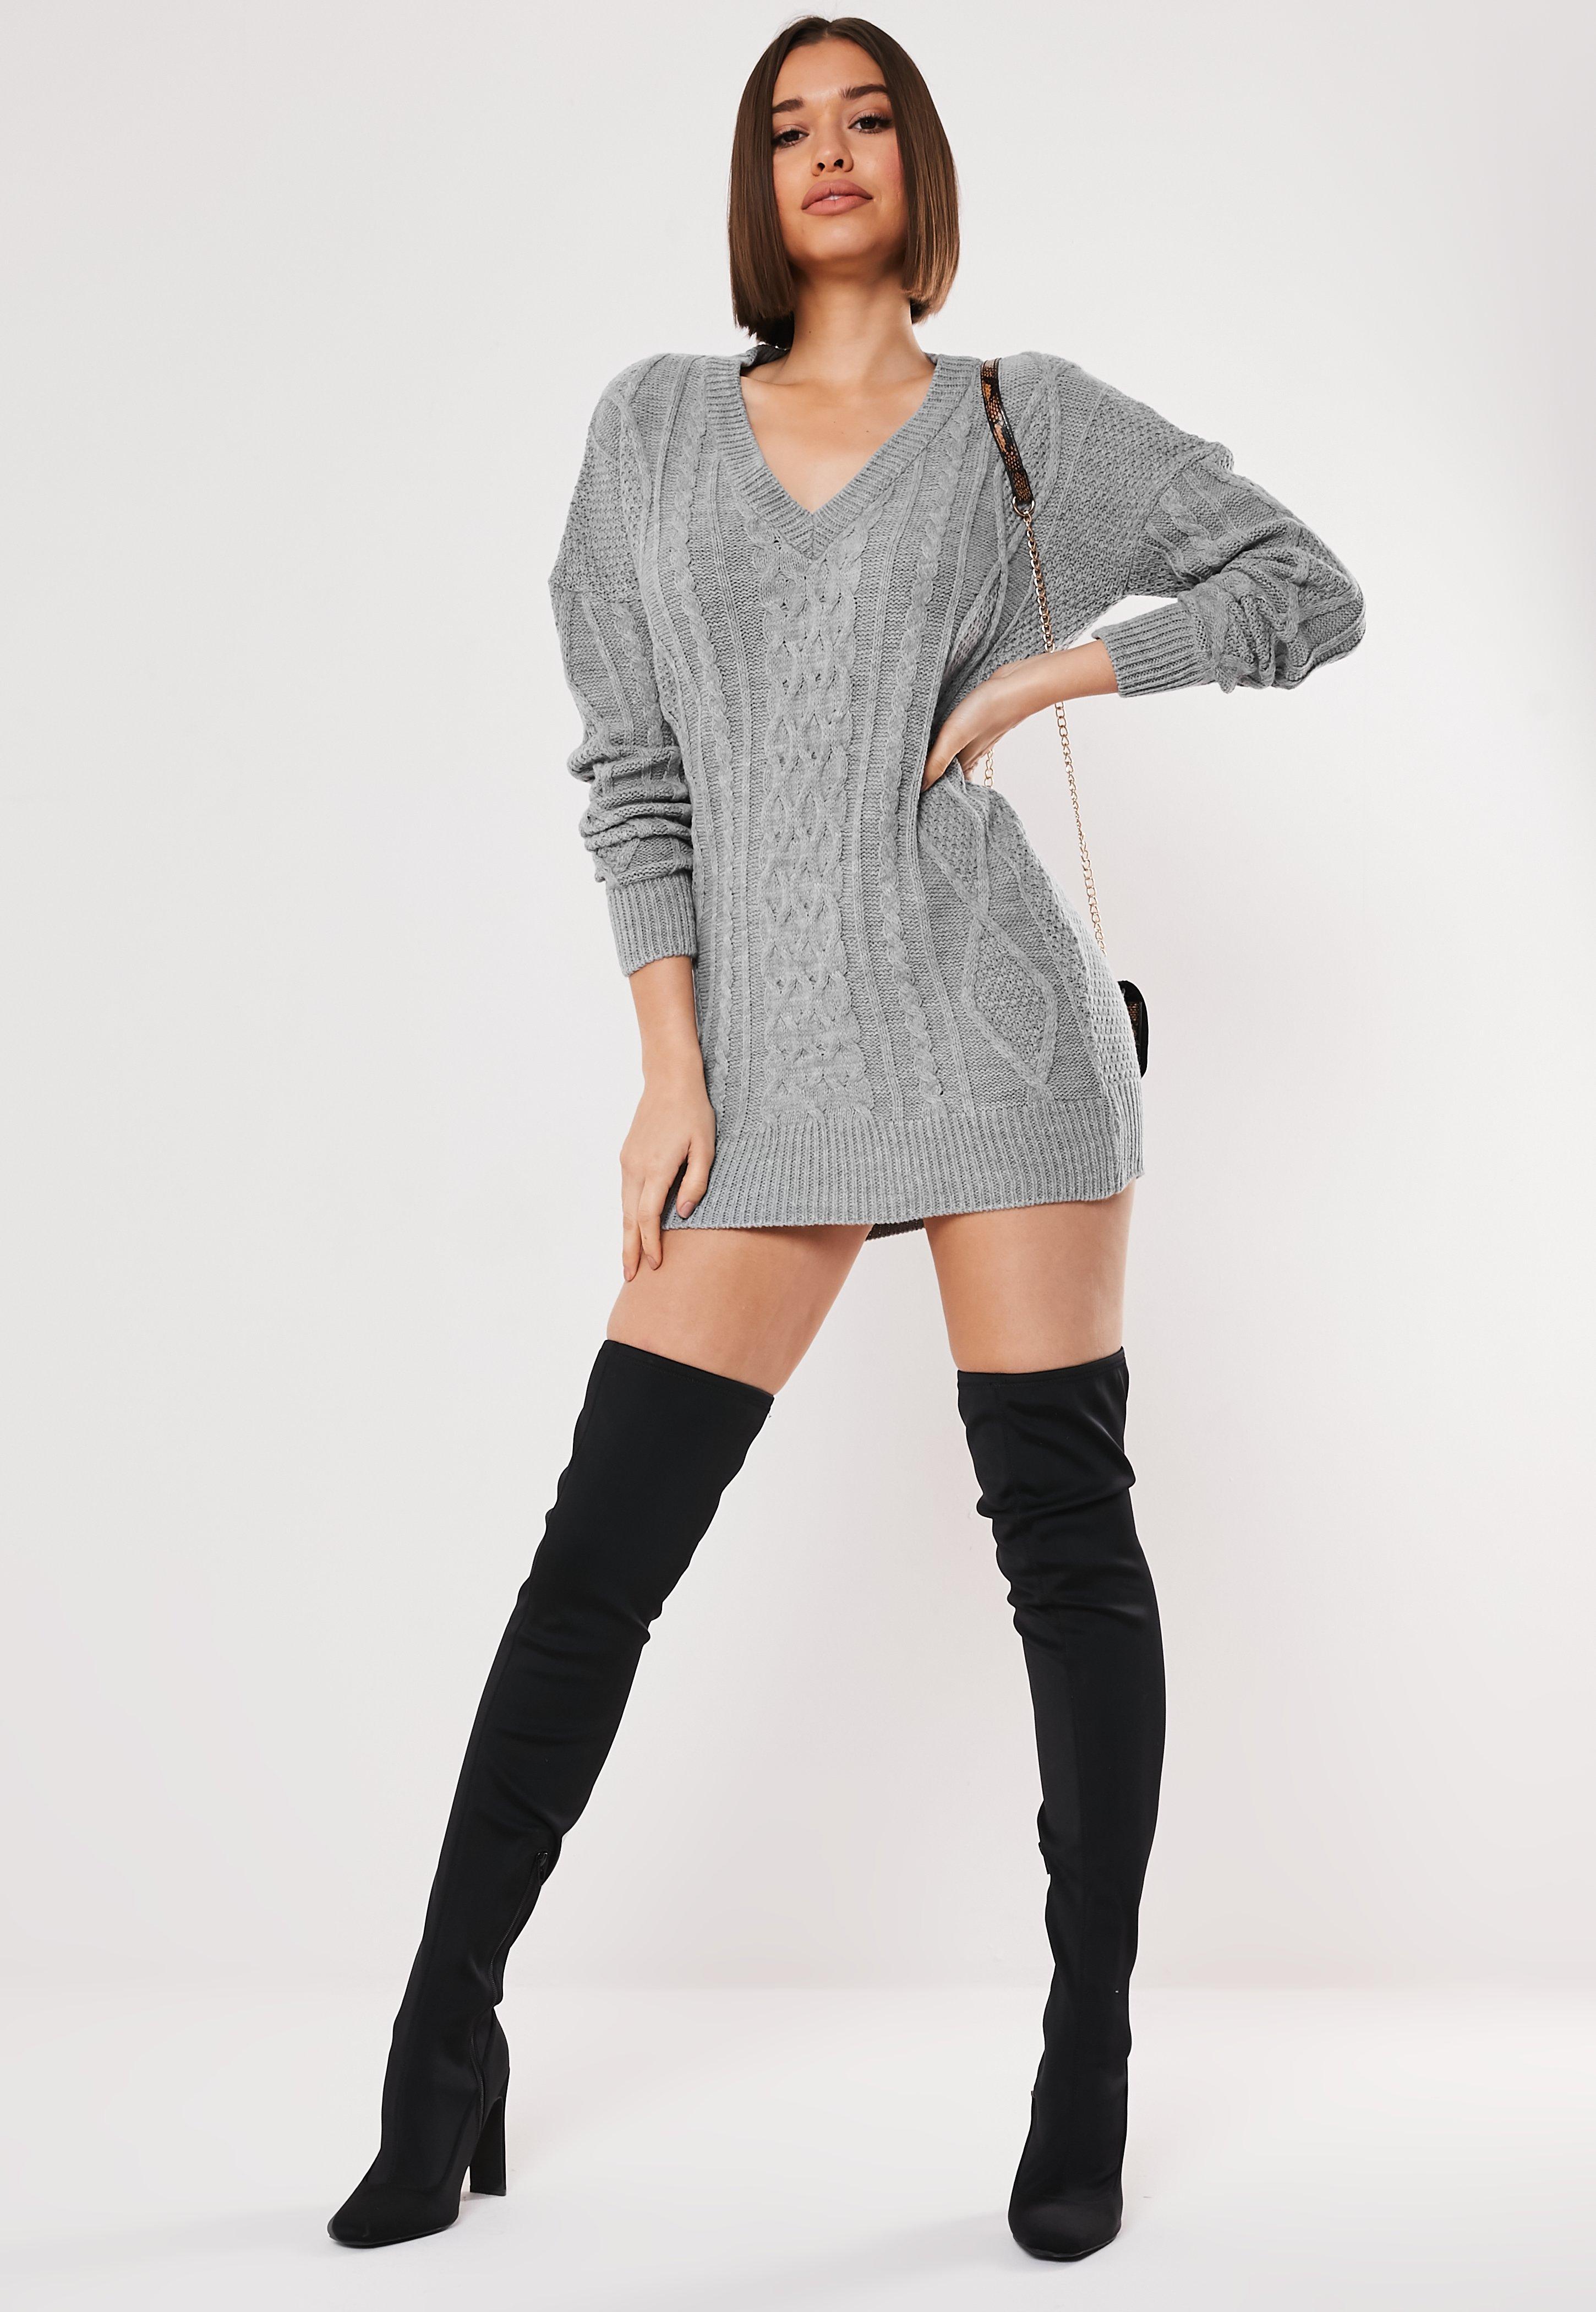 Grey V Neck Cable Knit Jumper Dress